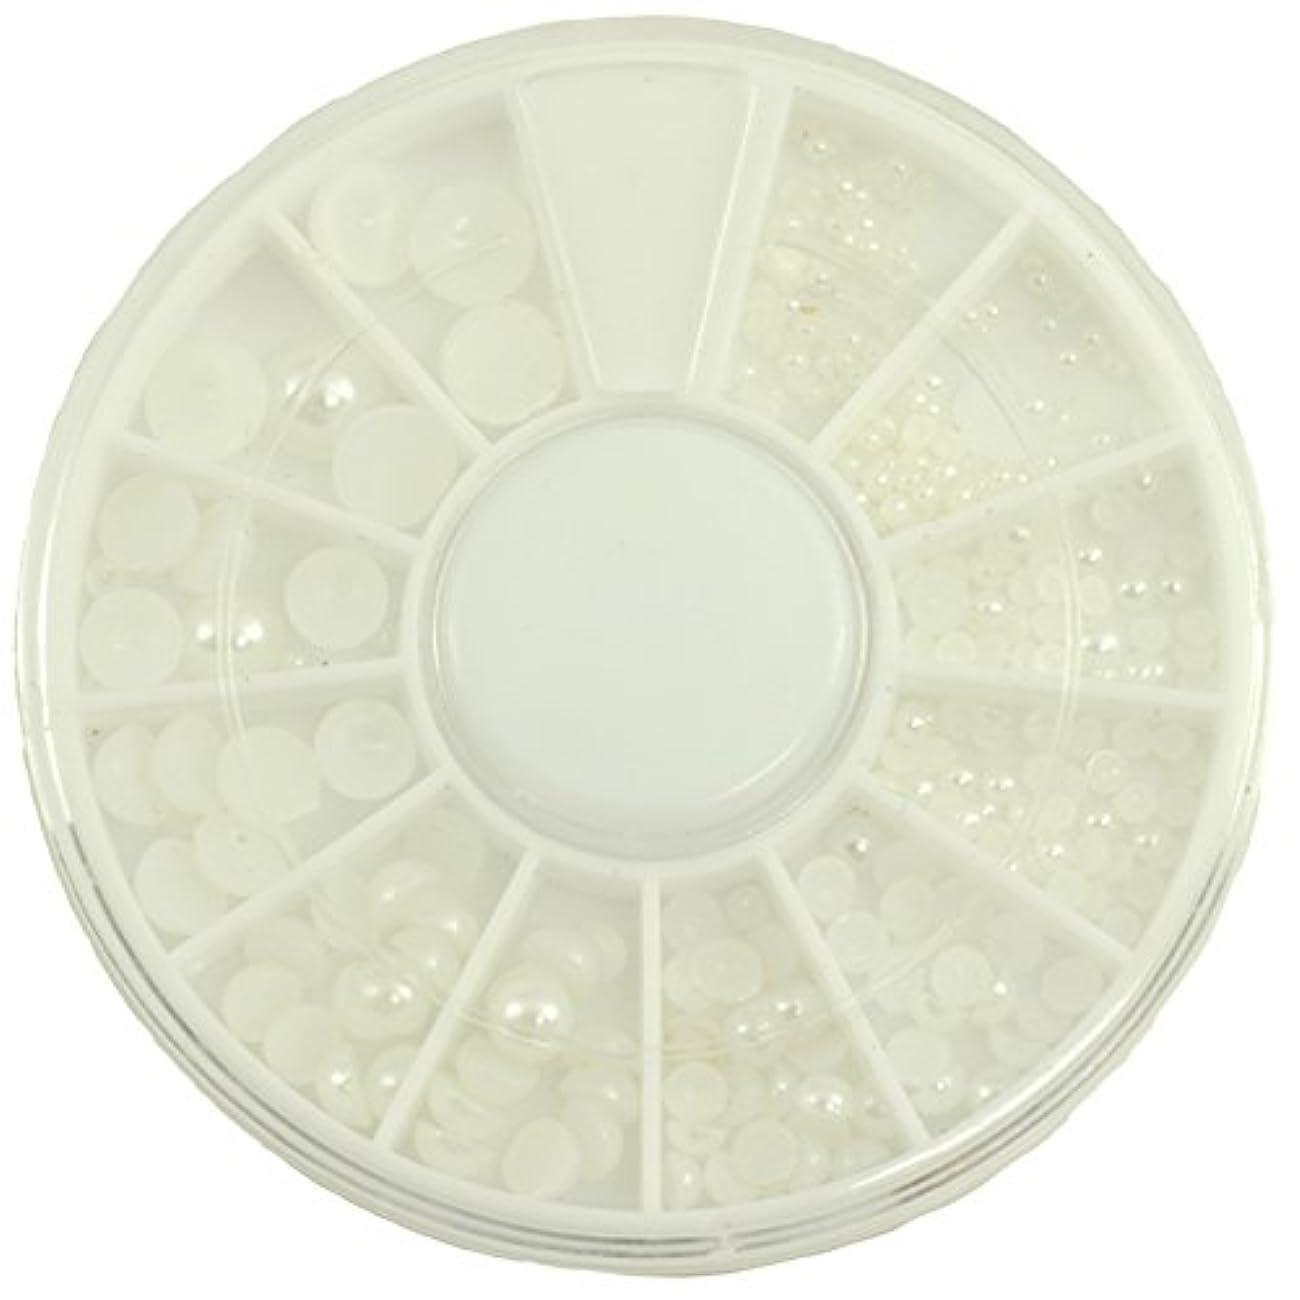 ソファーバン脱臼するネイルパーツ 半円パール ホワイト MIX 7mm5mm4mm3mm2mm1.5mm デコパーツ